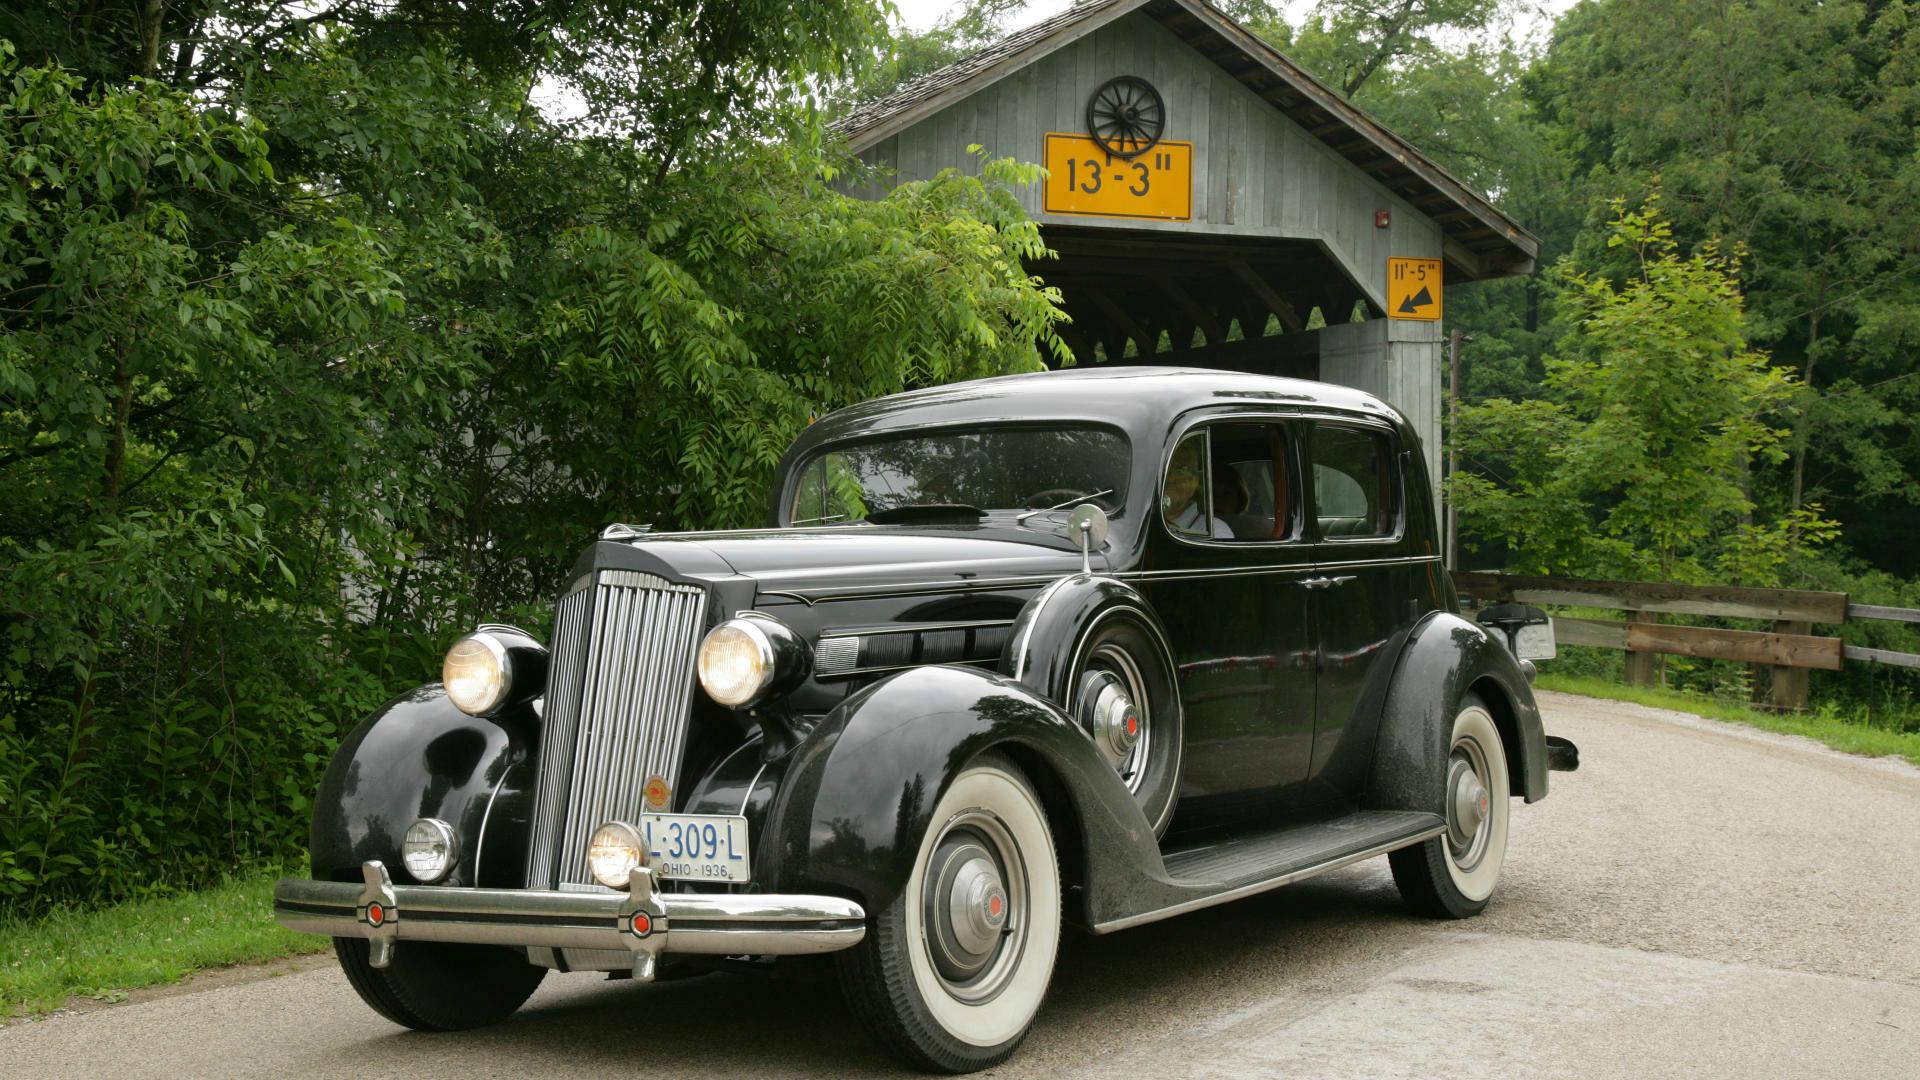 Black Classic Car Wallpapers 40 Background - Hdblackwallpaper.com